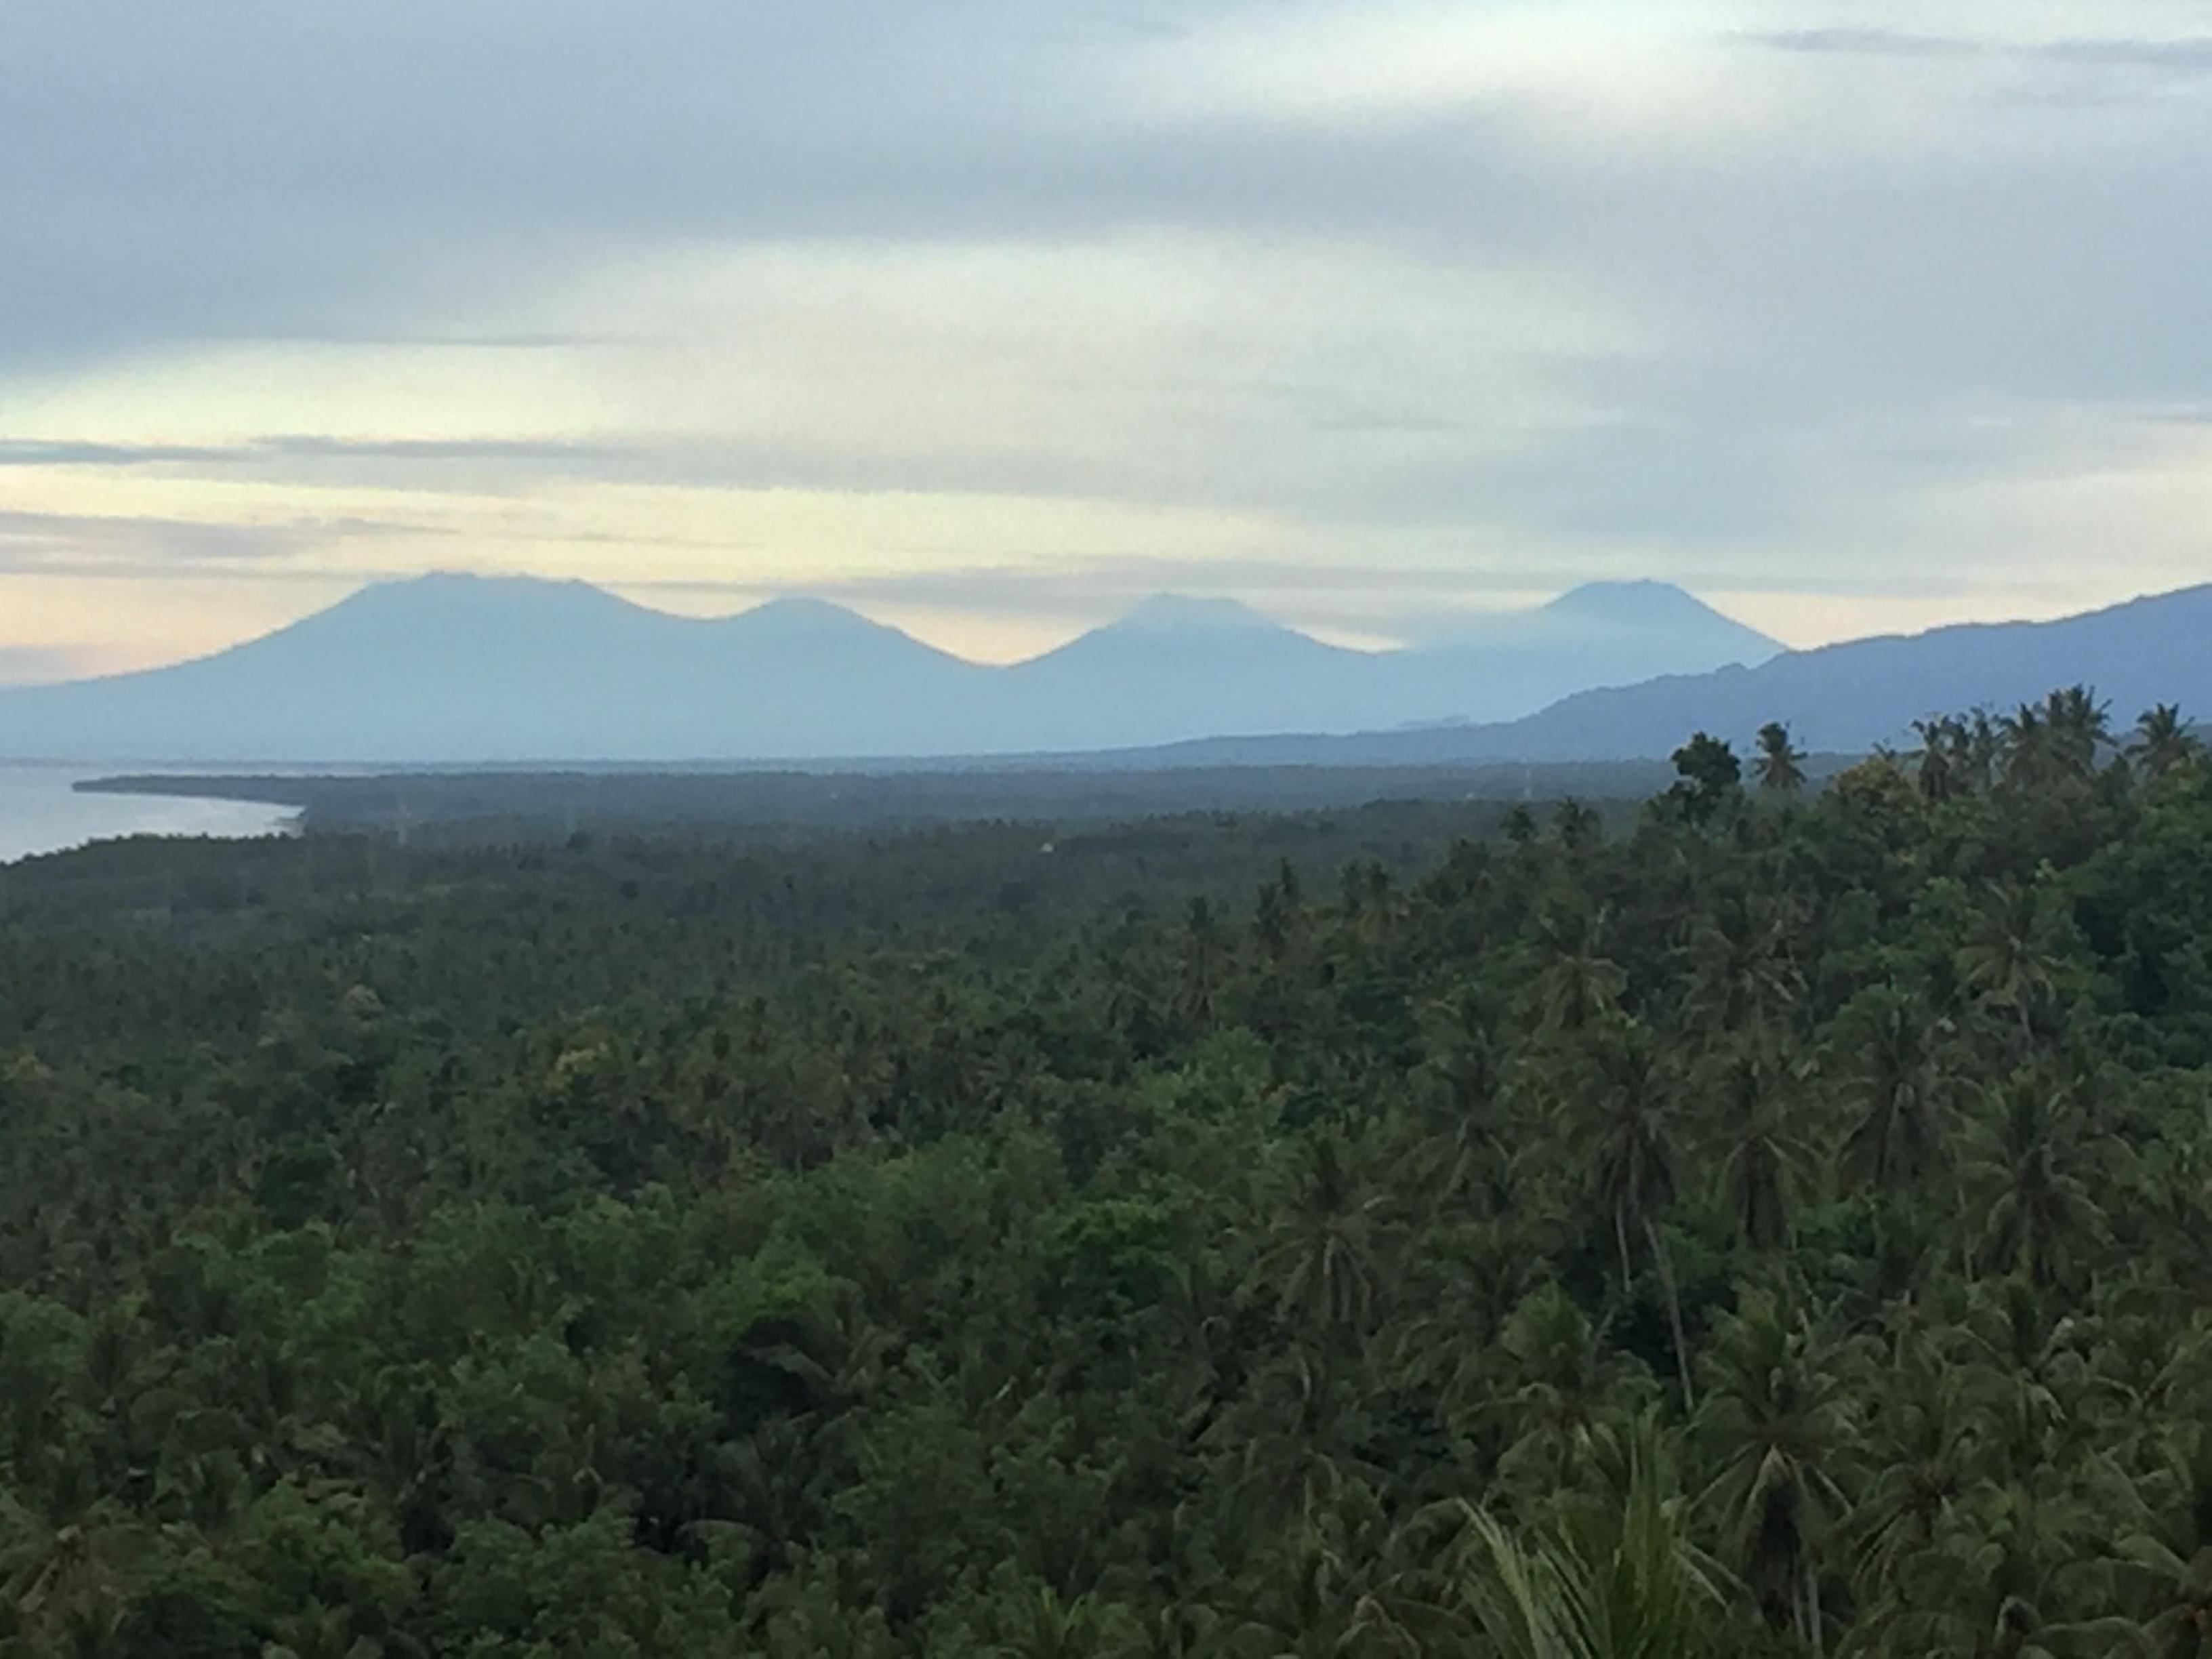 Blick auf die 4 Vulkane Javas